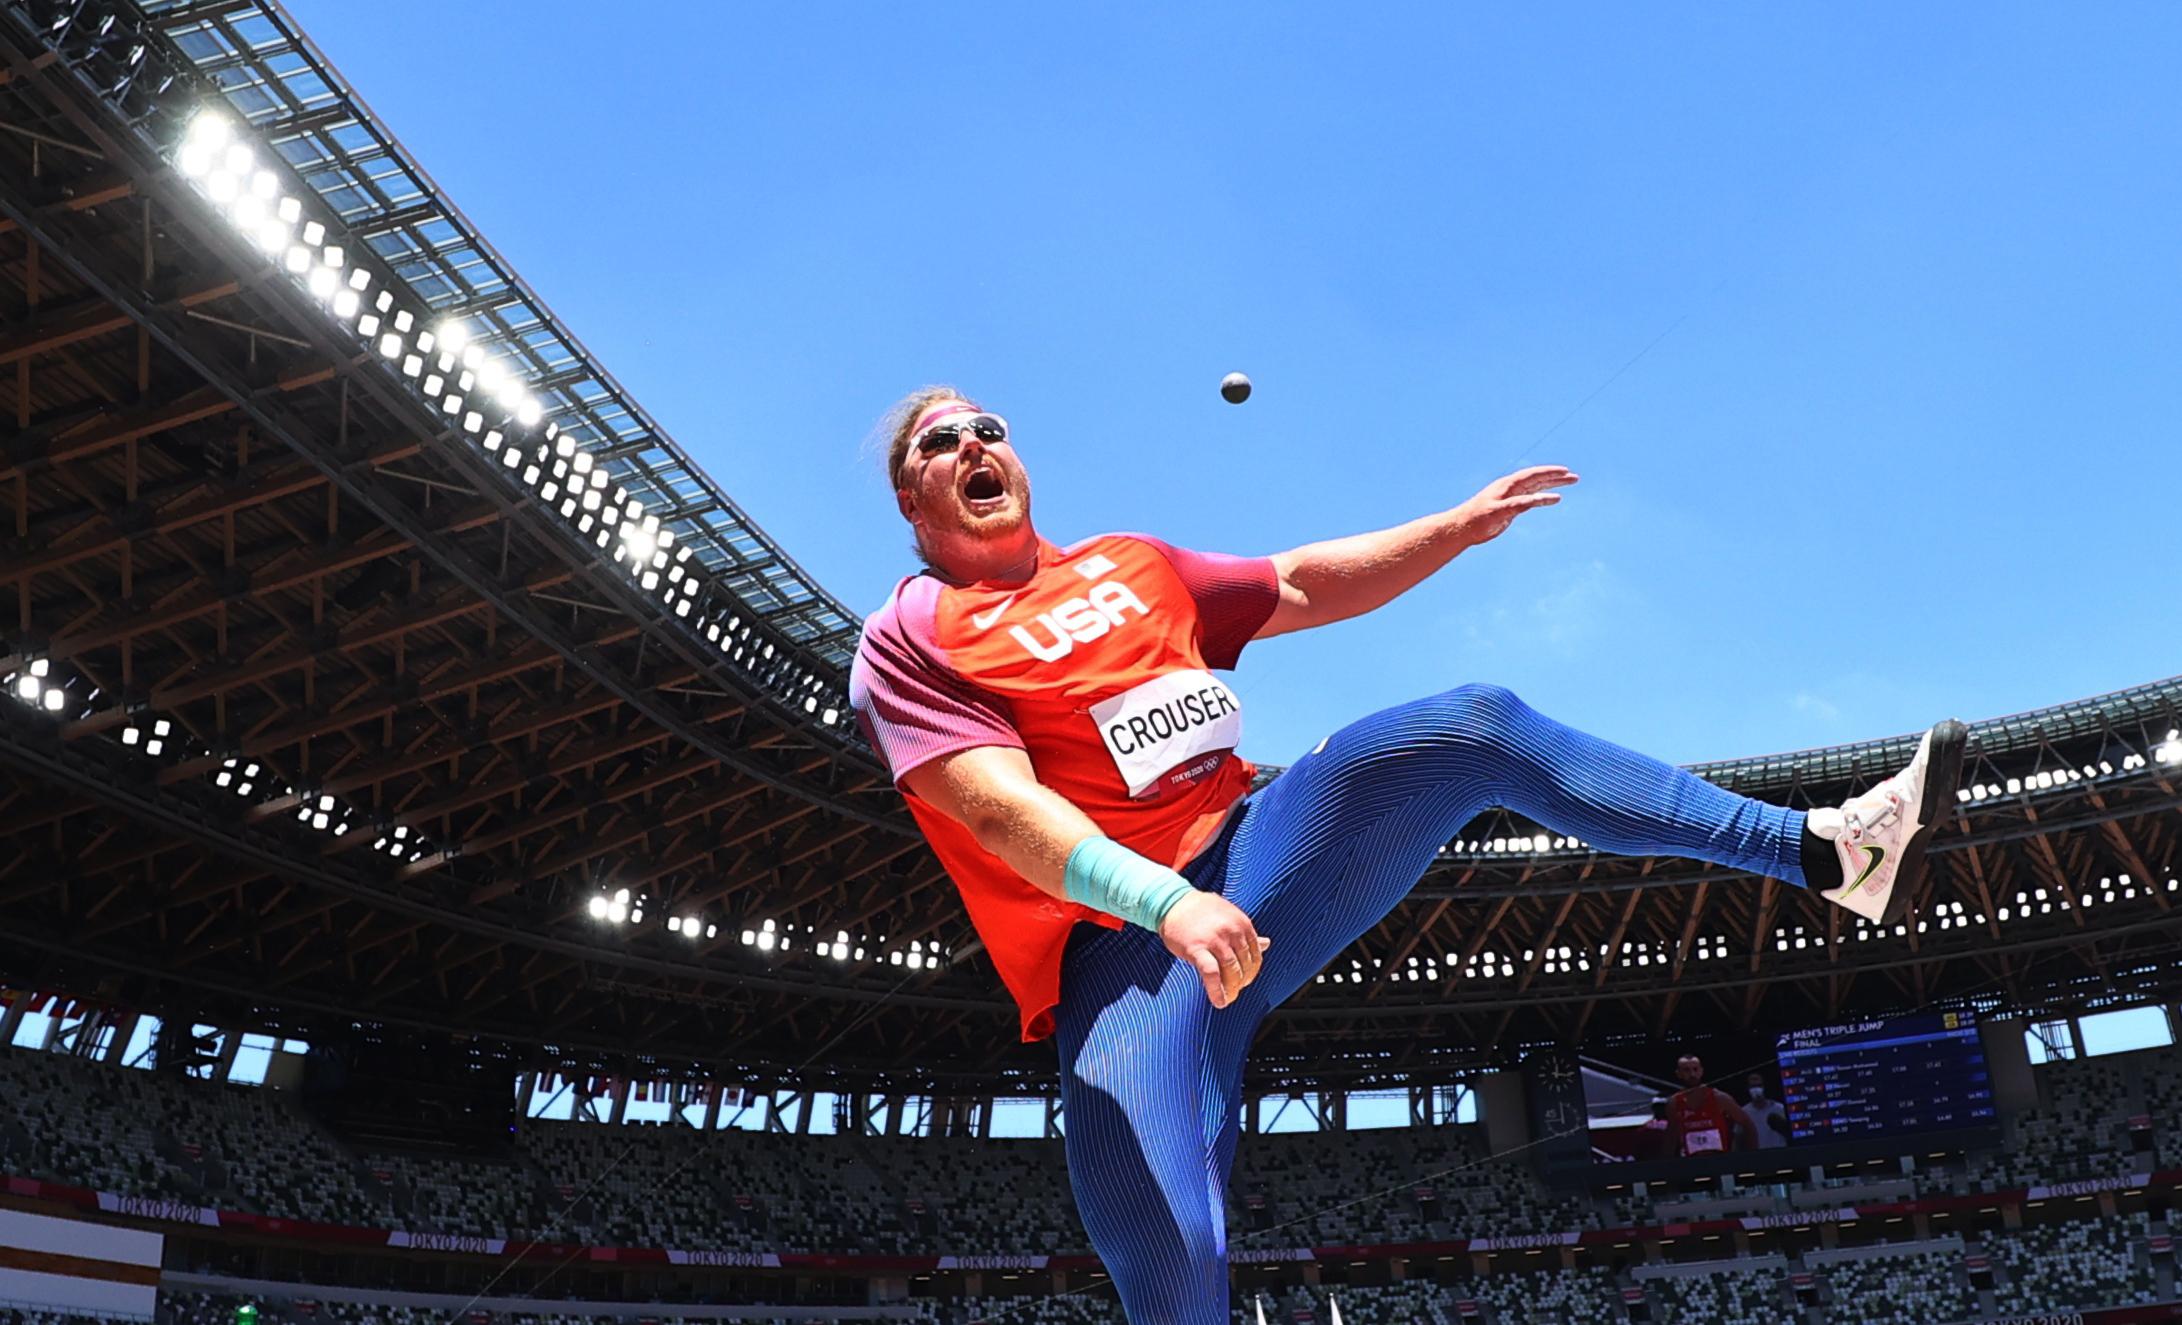 Ολυμπιακοί Αγώνες: Ο γίγαντας Κράουζερ πήρε το χρυσό στη σφαιροβολία με νέο ολυμπιακό ρεκόρ